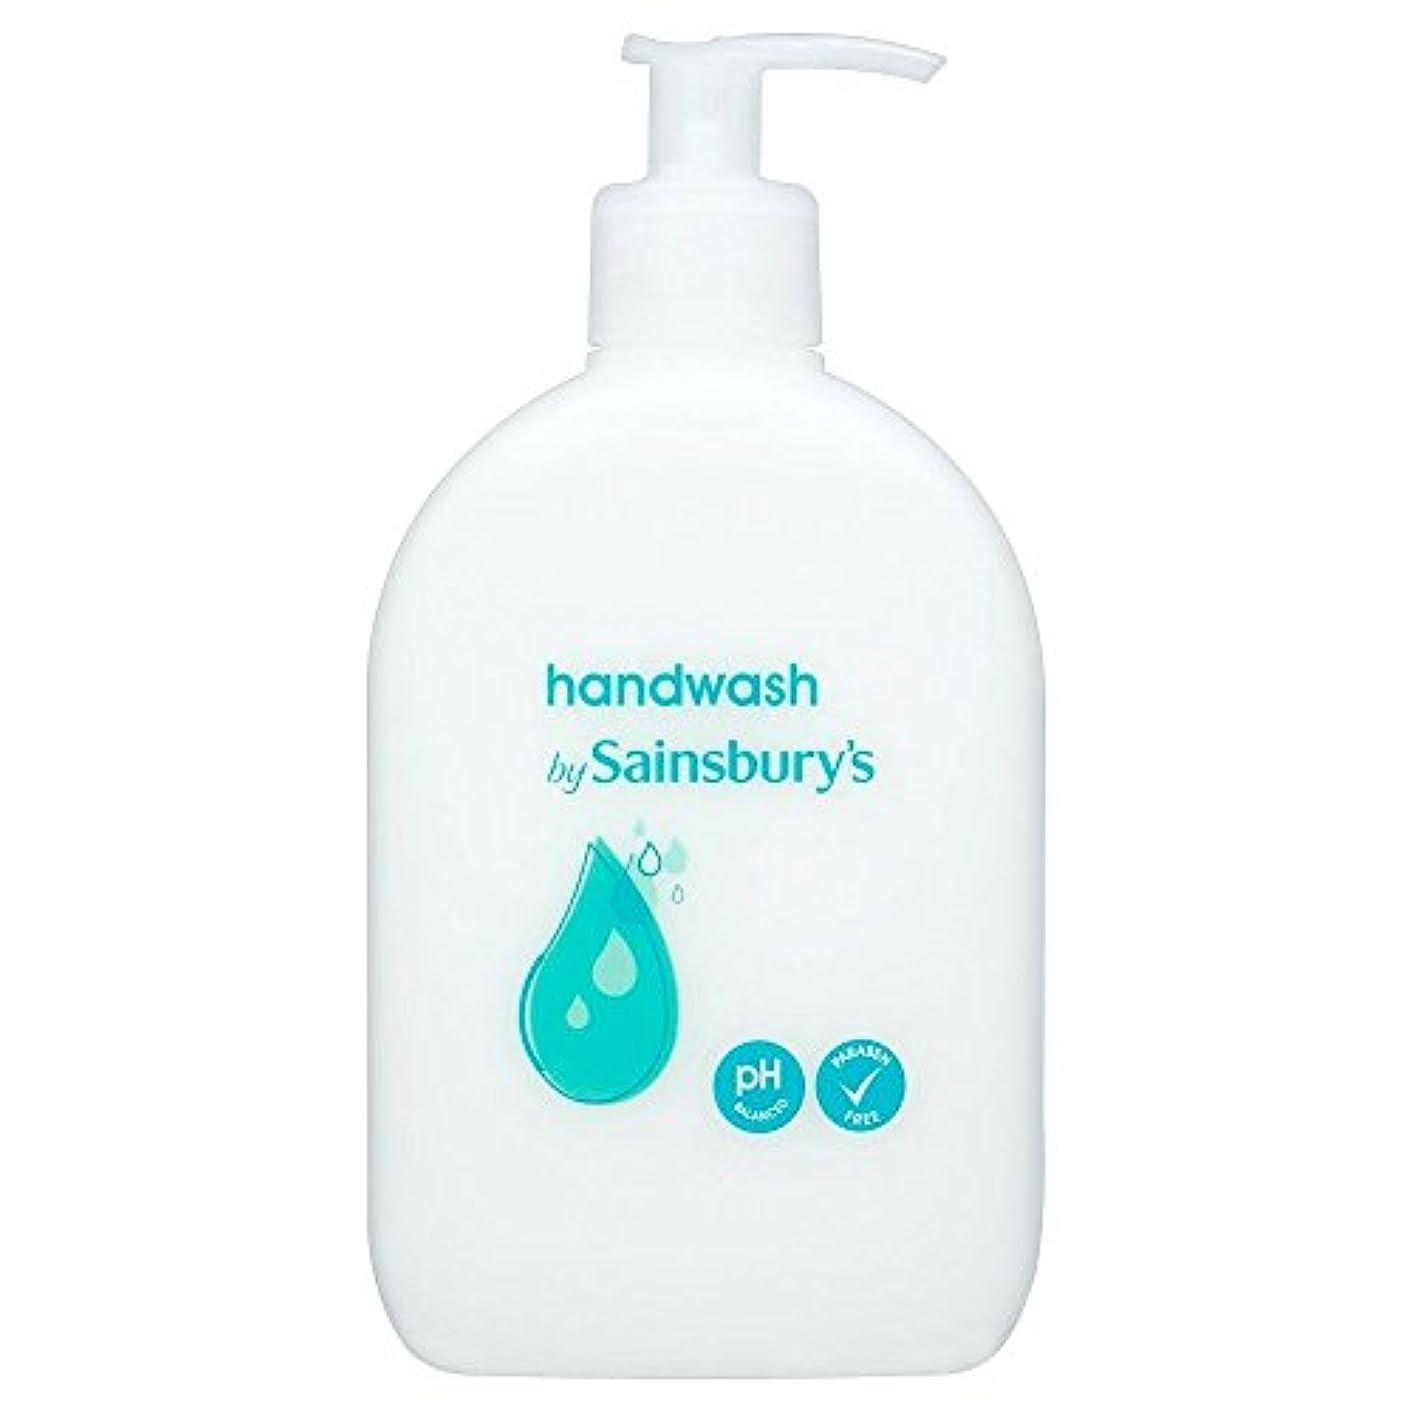 Sainsbury's Handwash, White 500ml (Pack of 2) - (Sainsbury's) 手洗い、白500ミリリットル (x2) [並行輸入品]